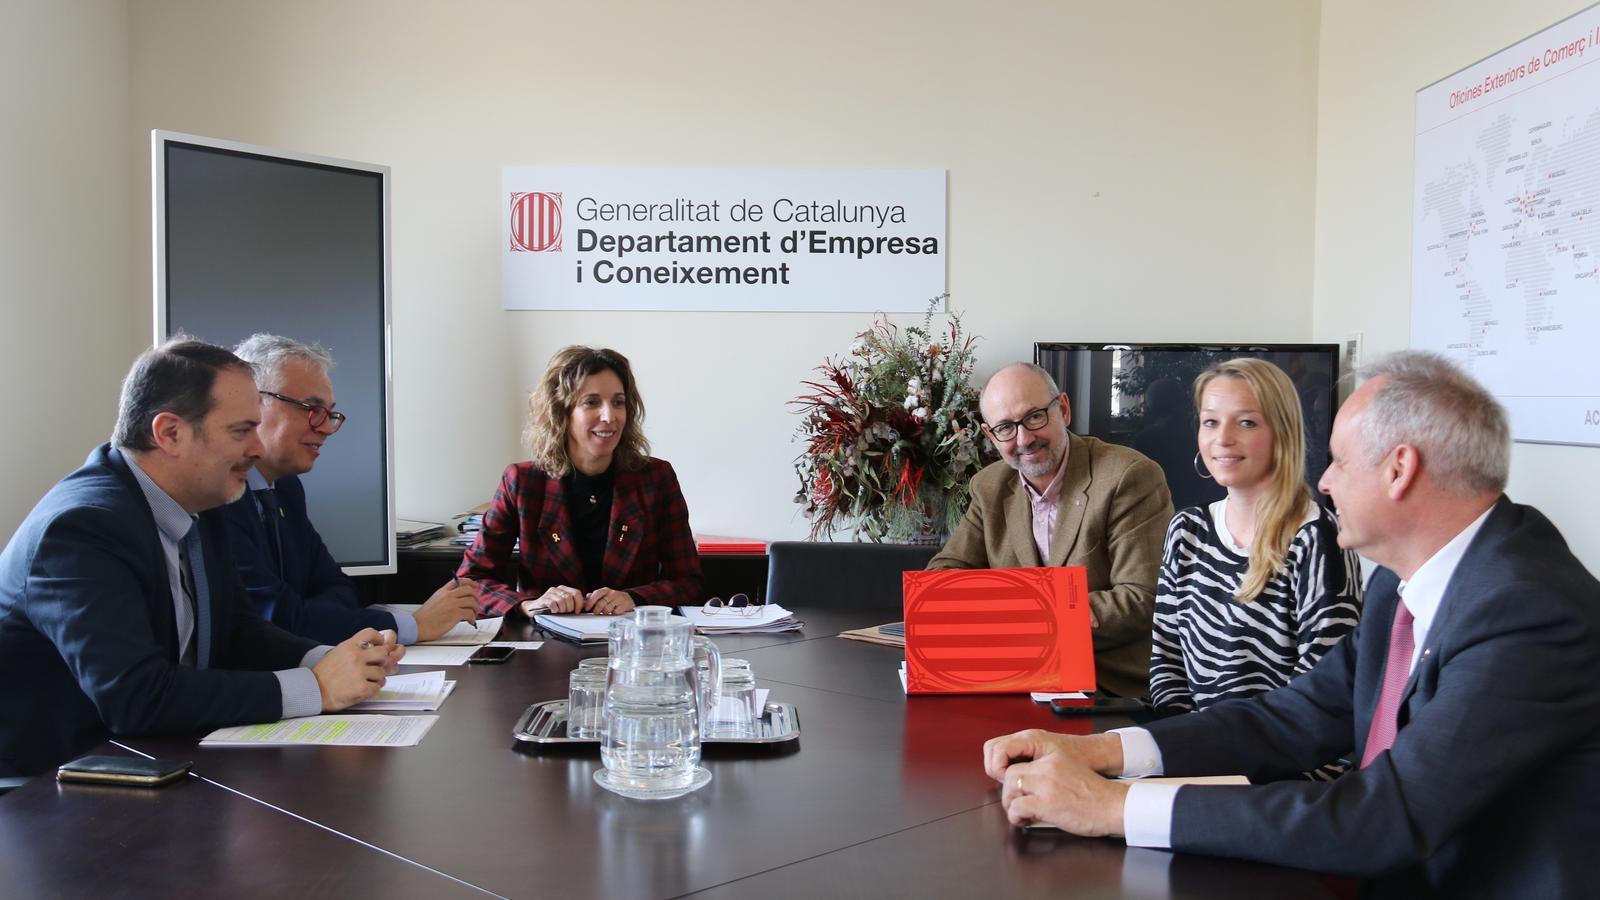 Reunió entre la consellera d'Empresa i Coneixement, Àngels Chacón, i la representant del consolat del Regne Unit, Jessica Griffhiths, per fer seguiment de l'afectació del 'Brexit.